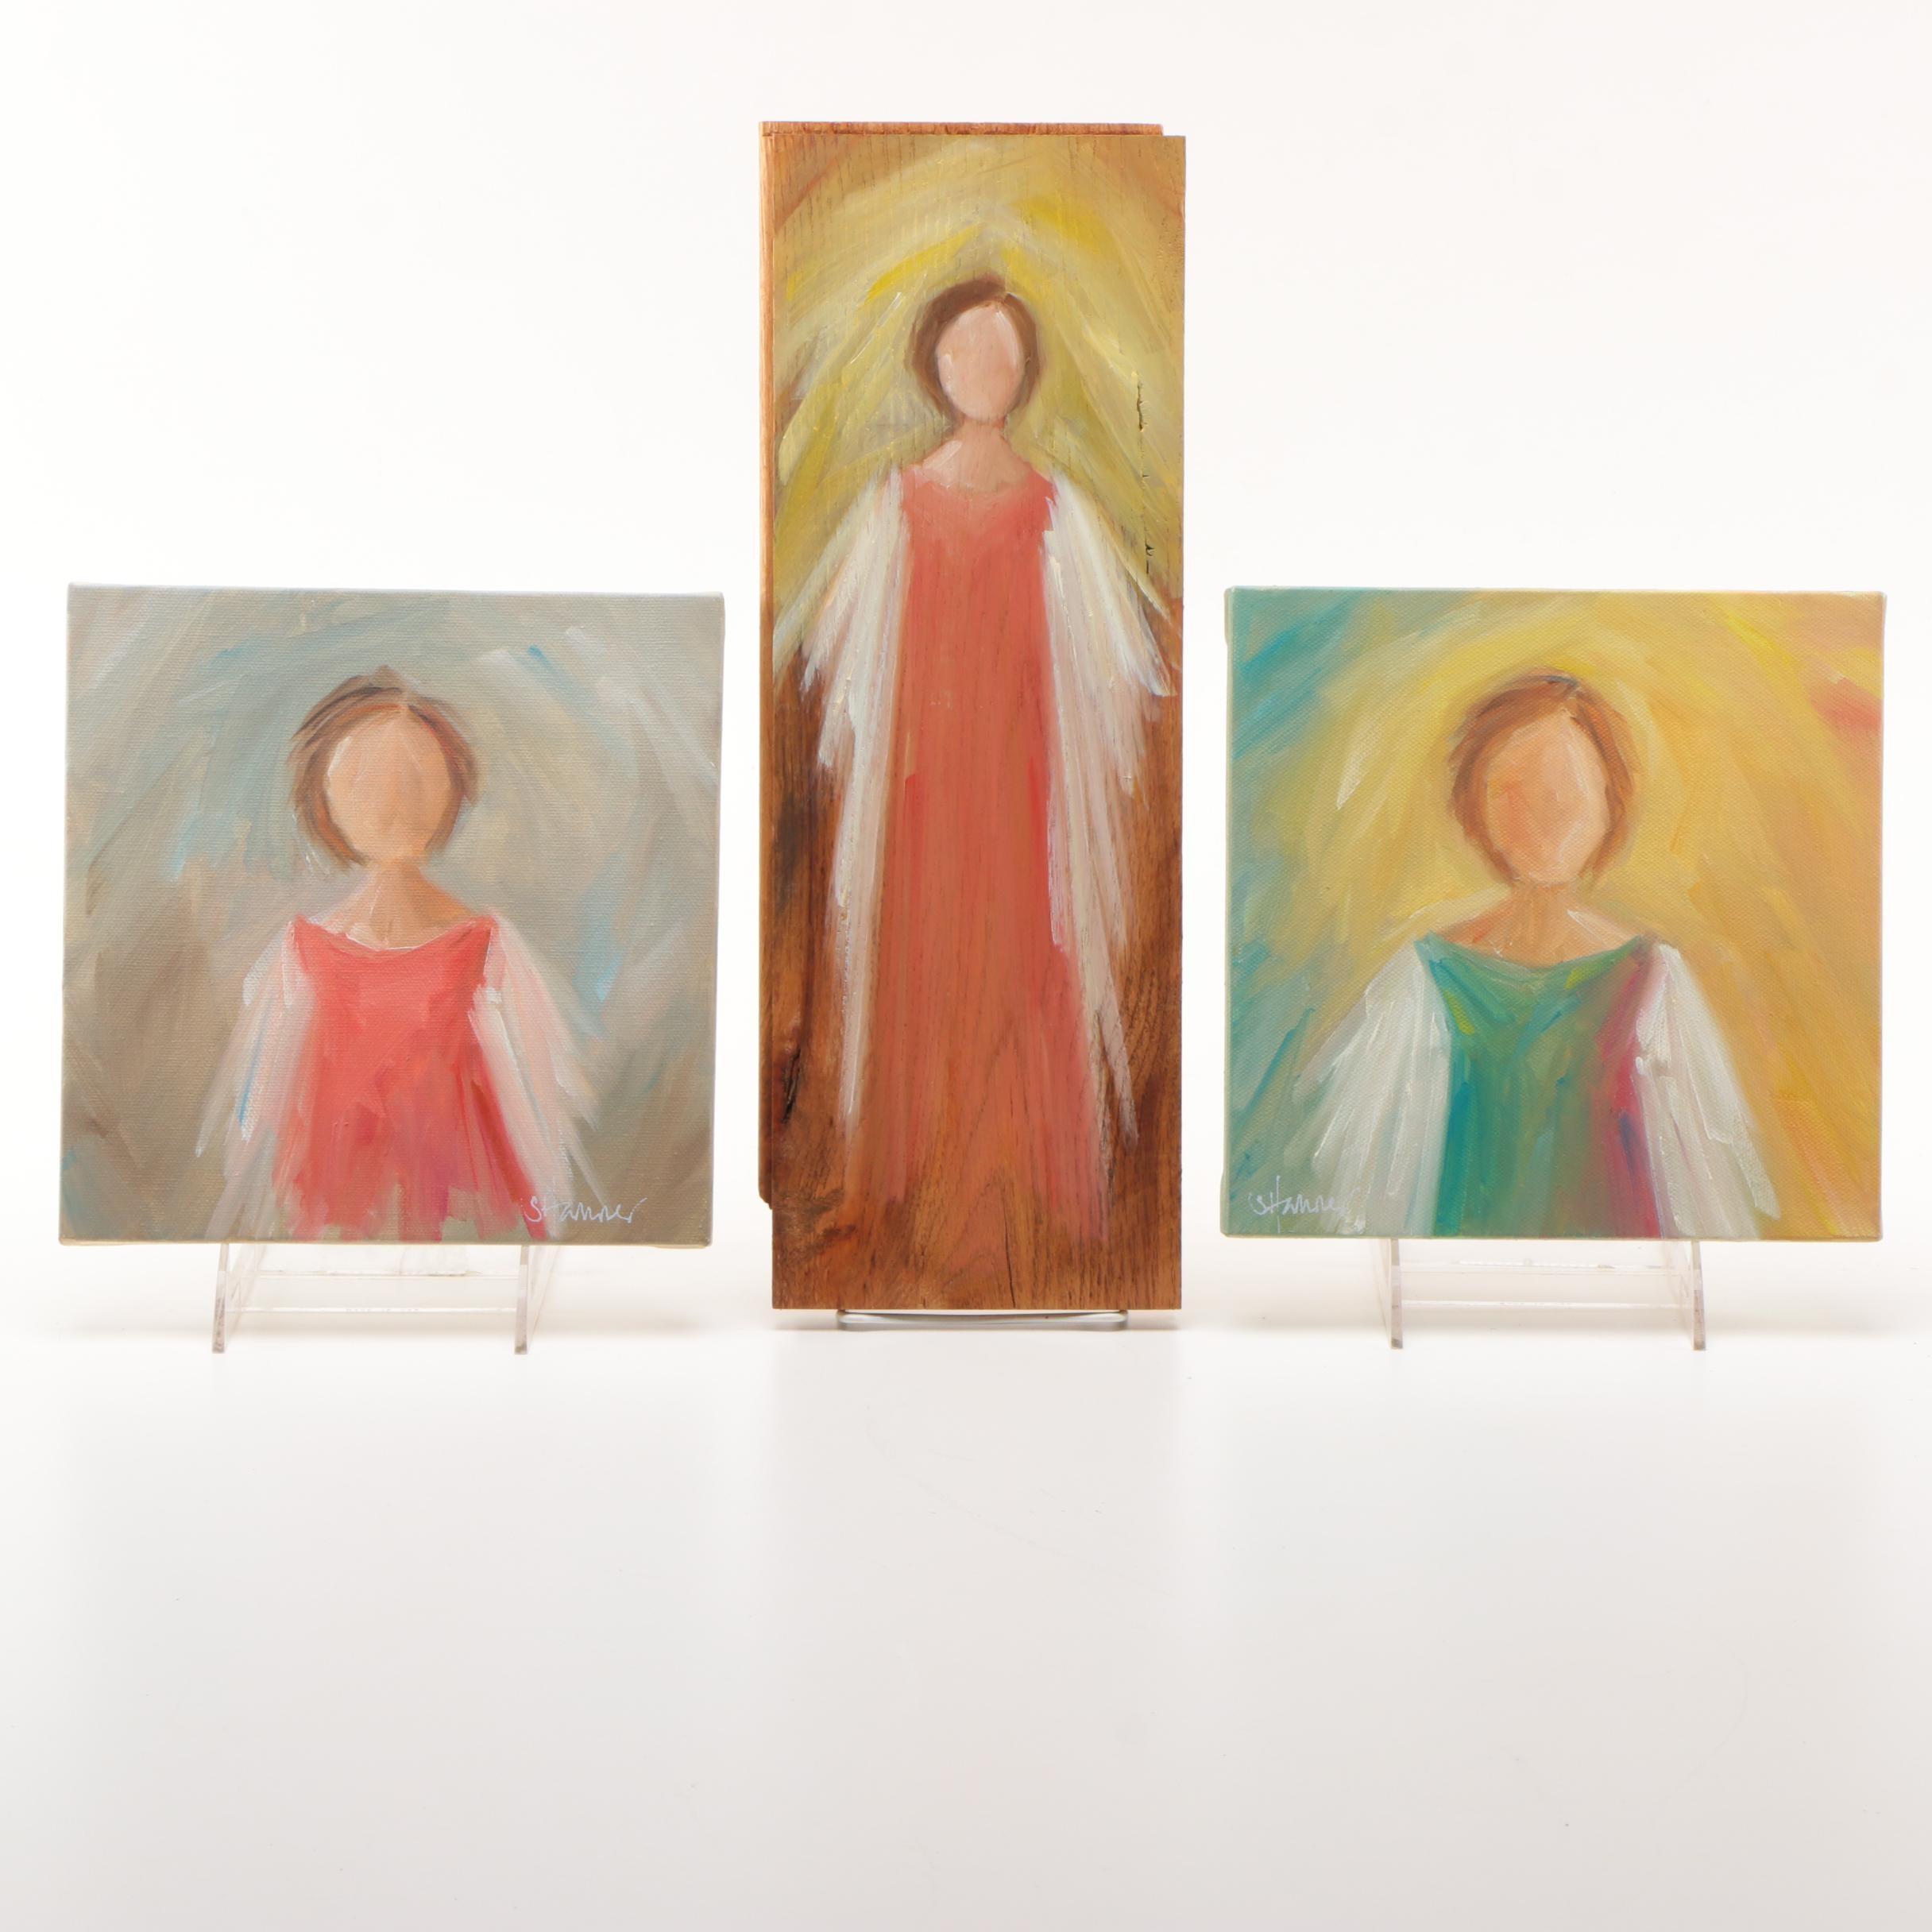 Susan Hamner Oil Paintings of Angels